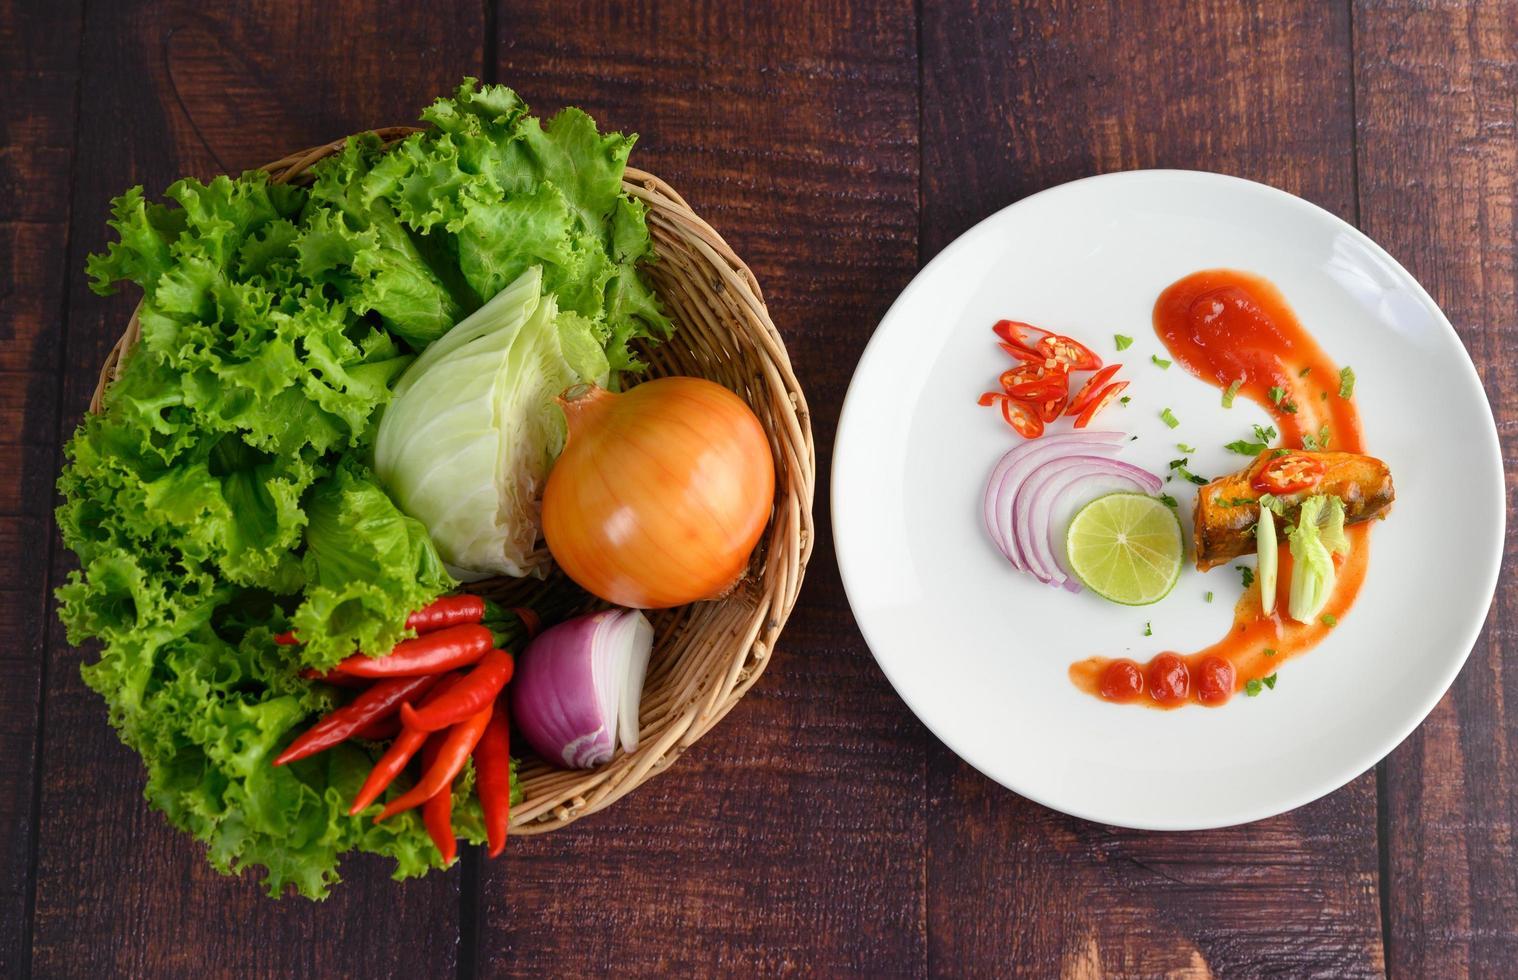 sardinha com molho de tomate e ingredientes culinários foto